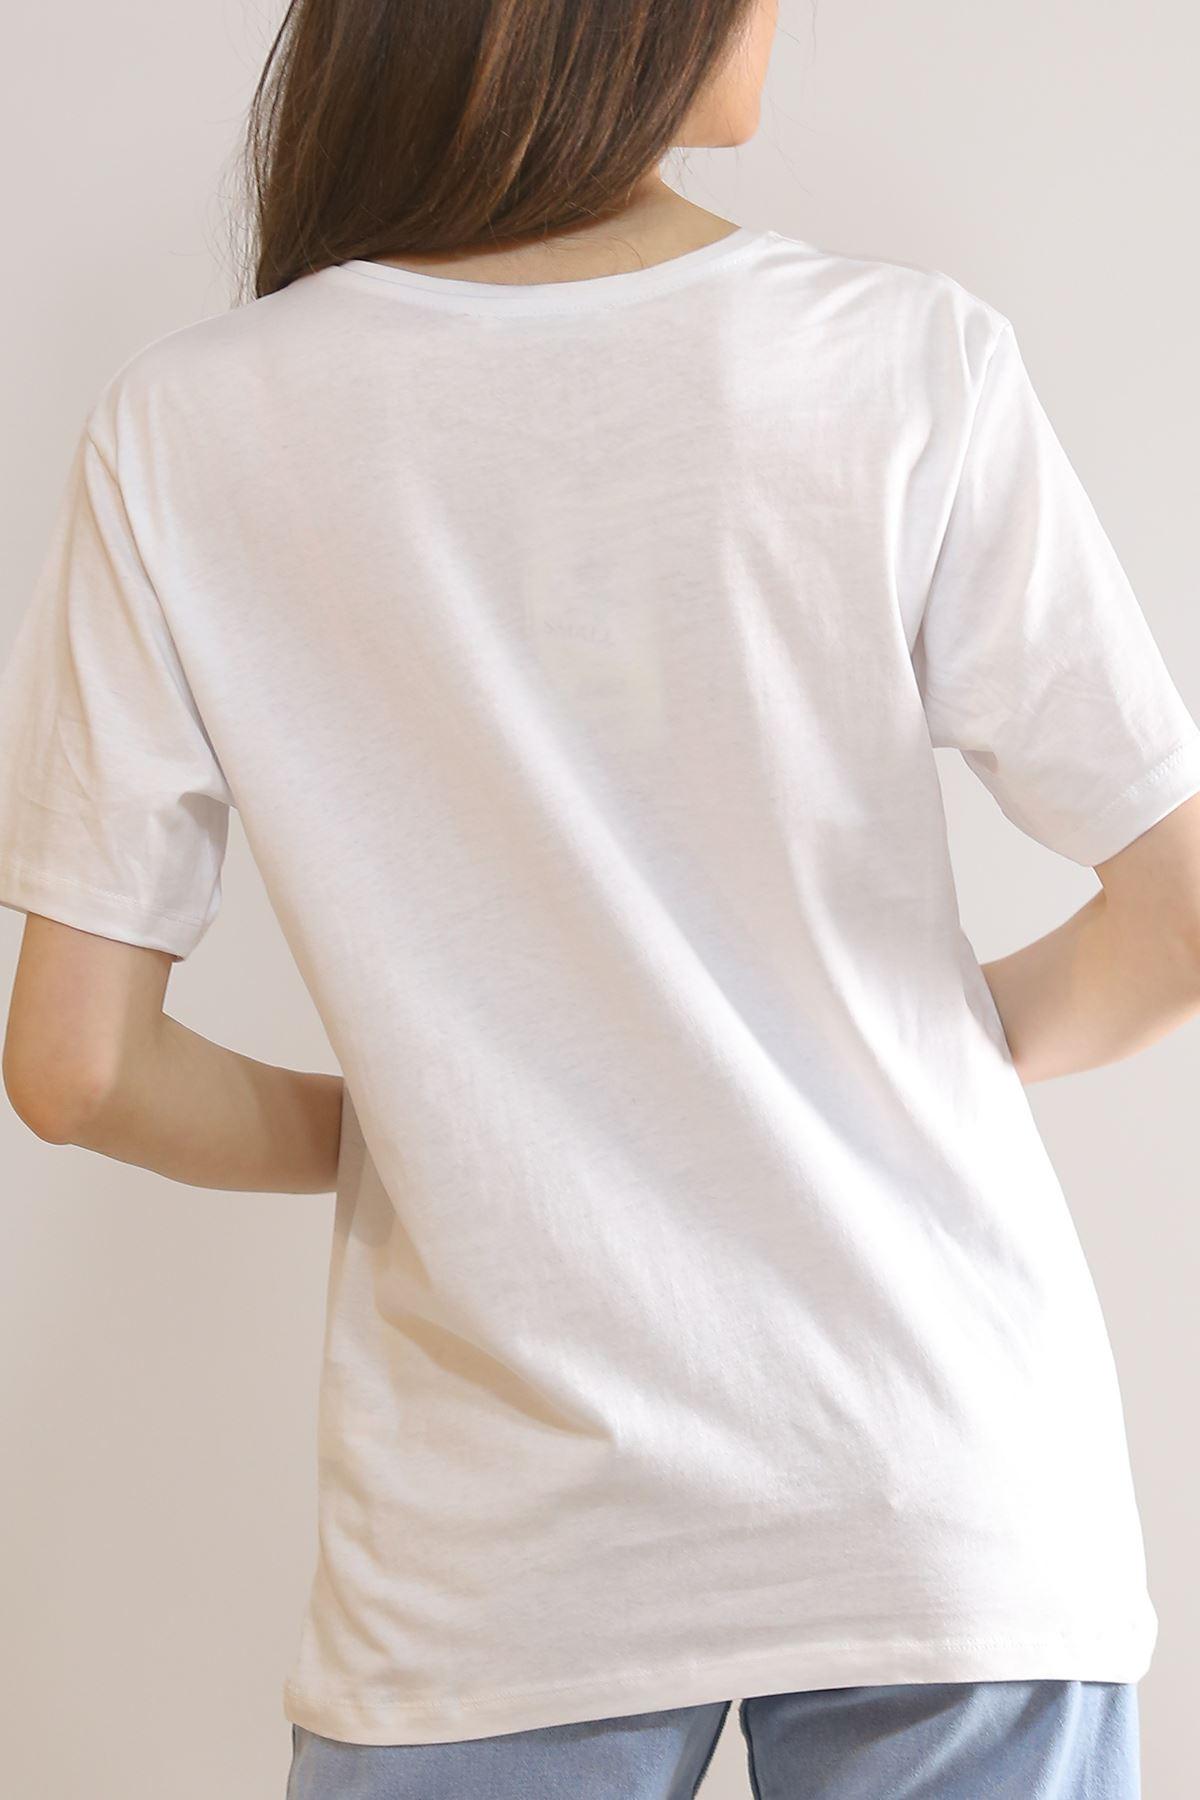 Yazılı Kalpli Tişört Beyaz - 11003.275.